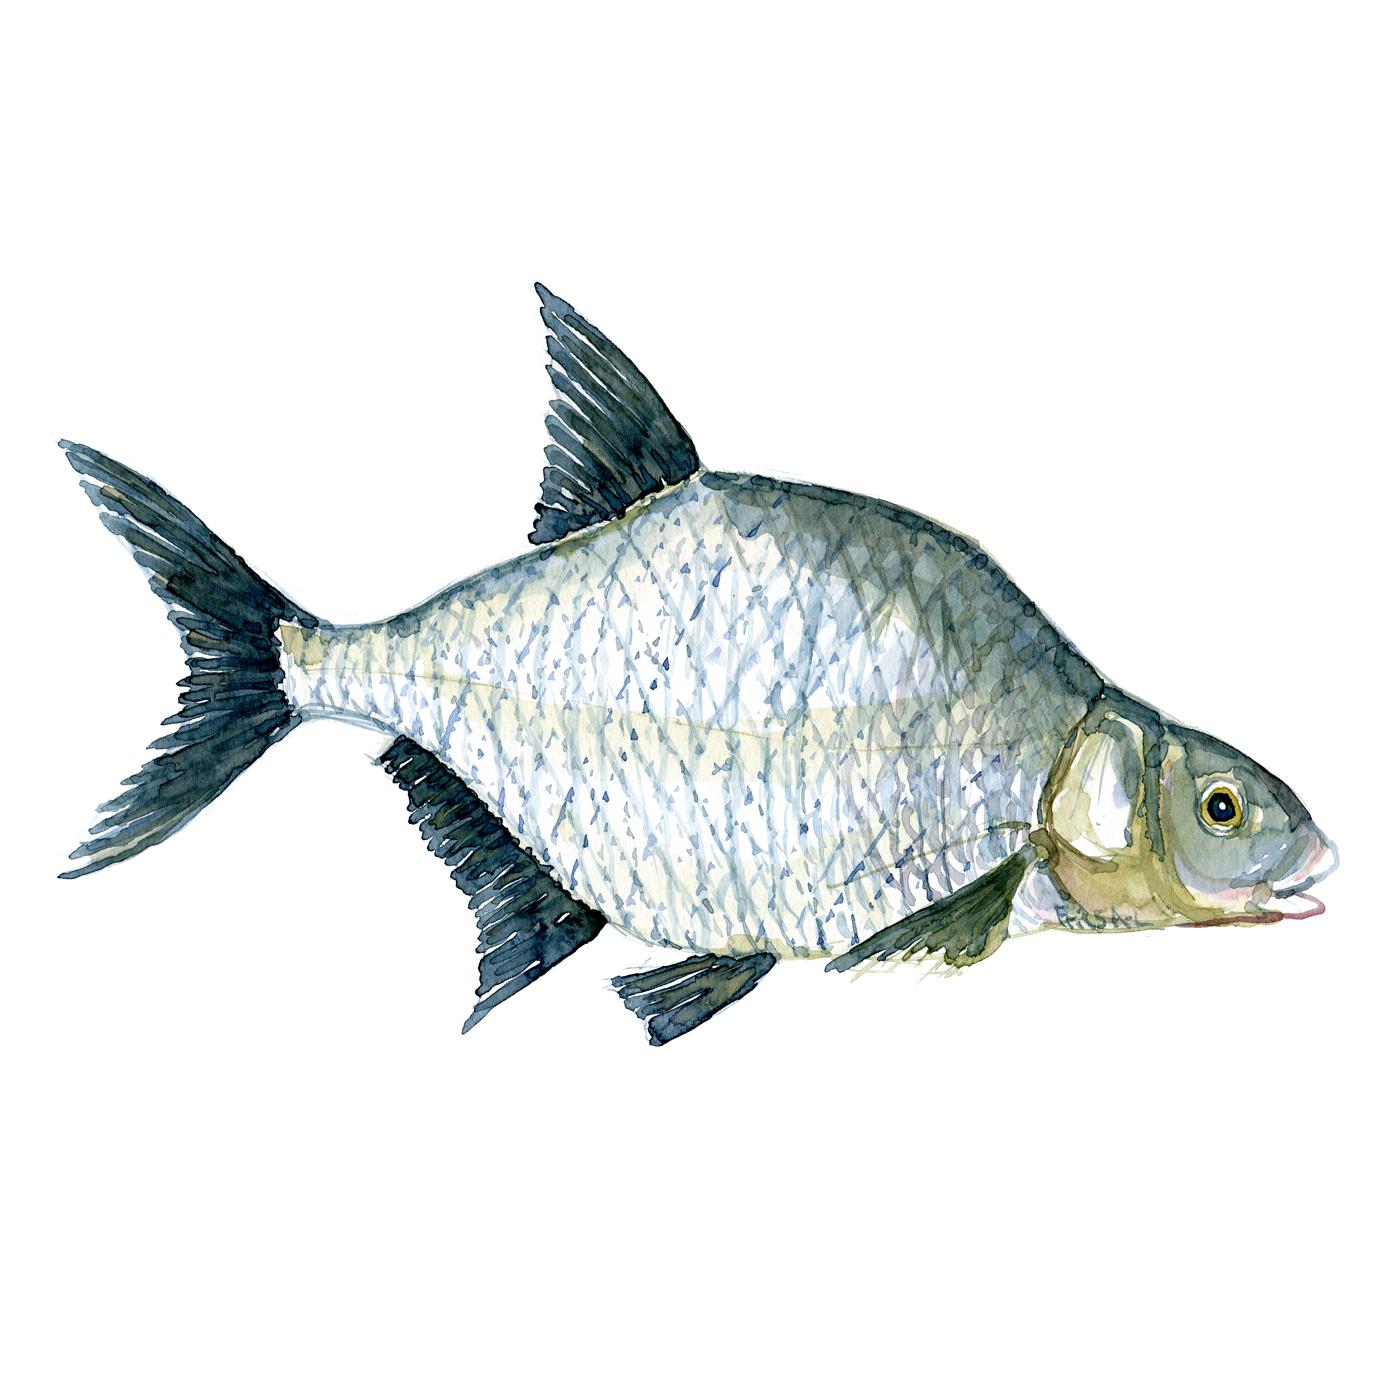 Watercolor of freshwaterfish, by Frits Ahlefeldt - Brasen Dansk Ferskvandsfisk